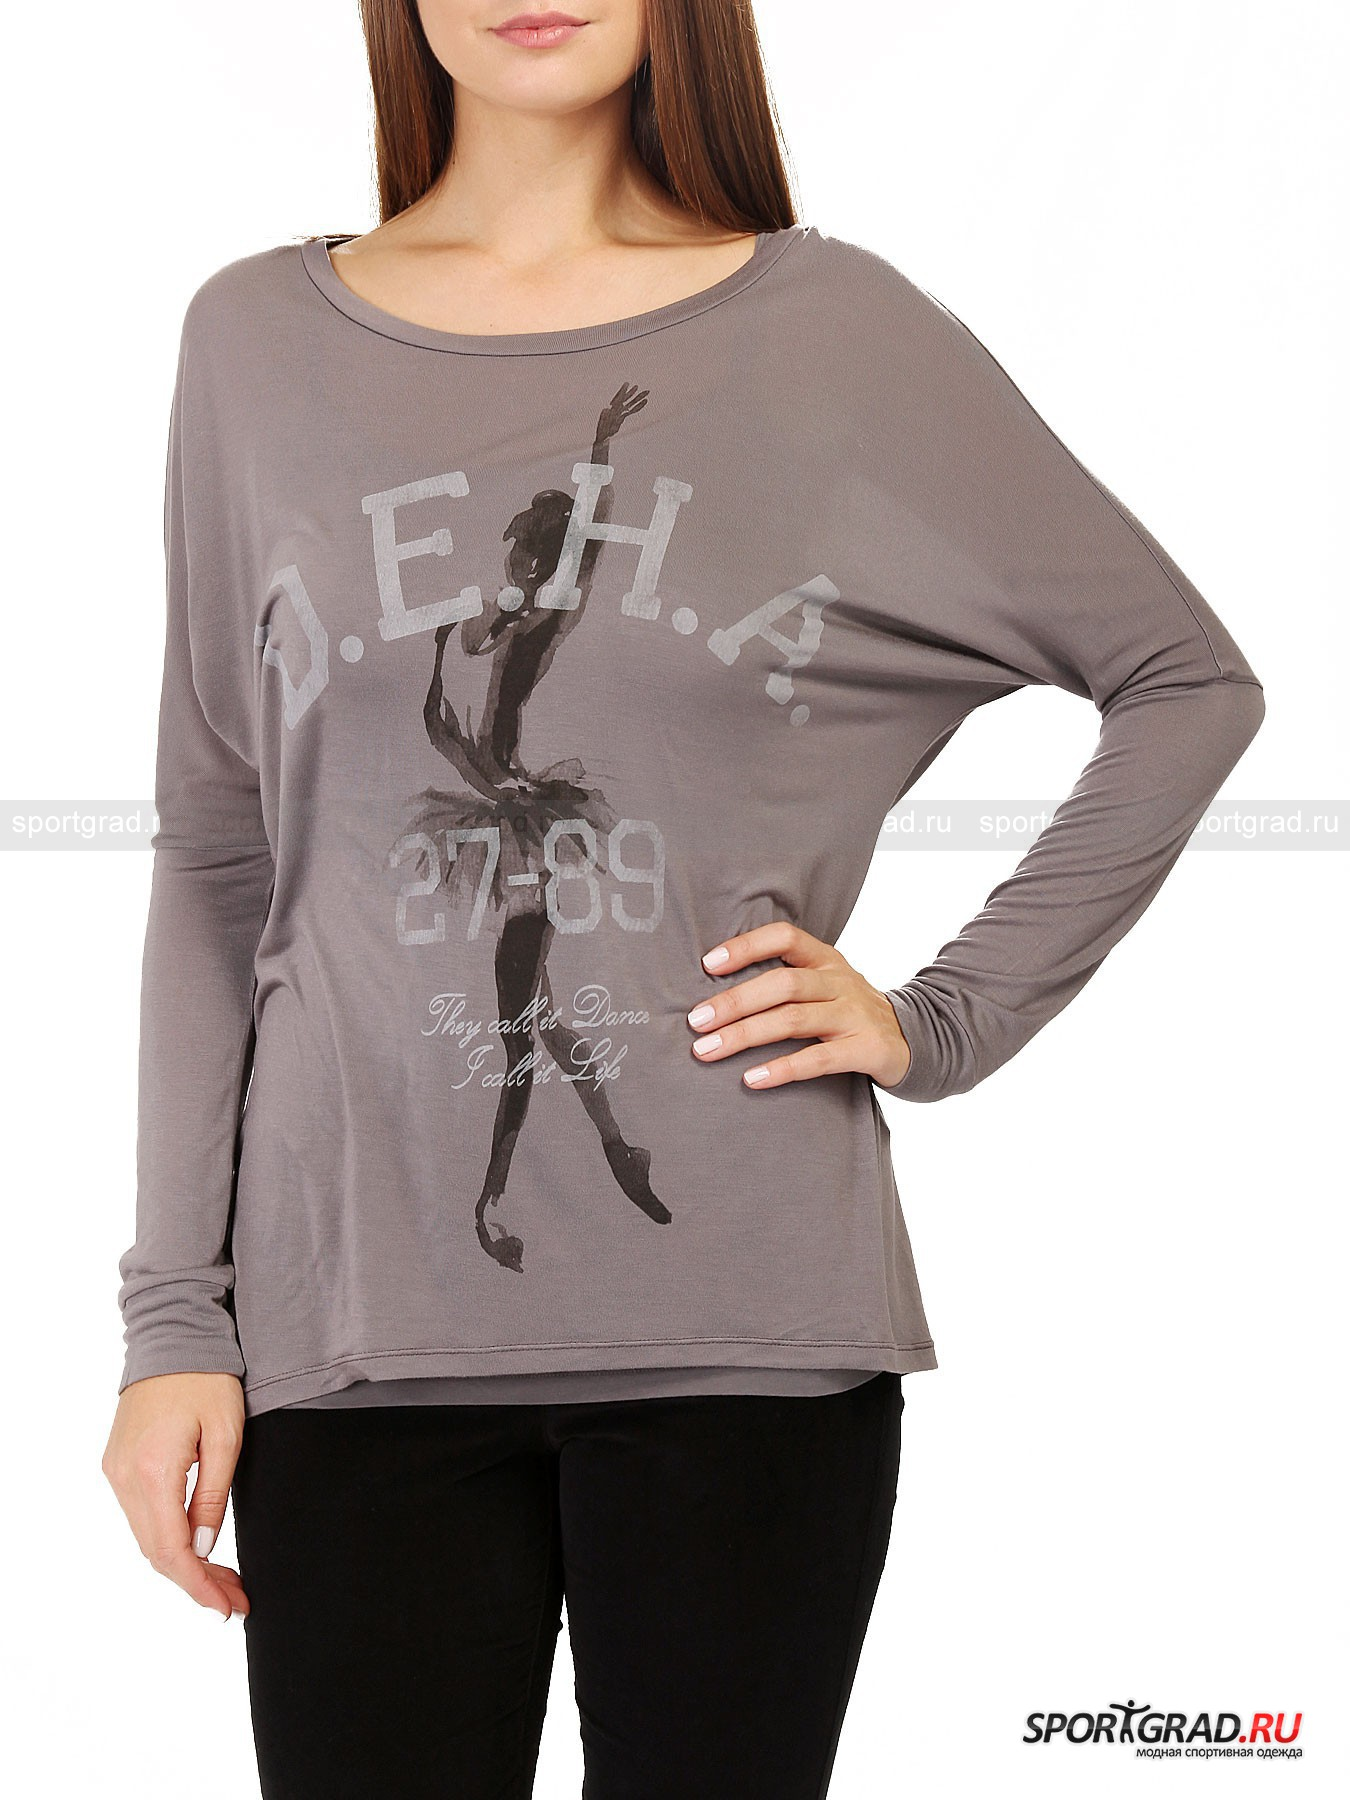 Футболка женская двухслойная Double T-shirt DEHAФутболки<br>Многослойность – отличительная черта многих моделей в коллекциях итальянcкого бренда Deha, что неудивительно, ведь создатели марки вдохновляются танцами, в том числе и современным течением street dance. В результате получаются многофункциональные вещи, которые сочетаются разными способами. <br><br>Так и эта футболка Double T-shirt Deha состоит из двух слоев, каждый из которых можно носить отдельно. Нижний слой – это простая однотонная хлопковая майка с тонким бретелями и прямым вырезом спереди и сзади. Верхний слой – полупрозрачный лонгслив свободного фасона с рукавами типа «летучая мышь», сшитый  из очень мягкого, неприхотливого в уходе и прекрасно «дышащего» материала модал. Сзади футболка длиннее, чем спереди, она полностью закрывает ягодицы  и составит идеальную компанию леггинсам или обтягивающим брюкам. Принт, изображающий балерину, напоминает о танцевальной направленности Deha.<br><br>Пол: Женский<br>Возраст: Взрослый<br>Тип: Футболки<br>Рекомендации по уходу: стирка в теплой воде до 30 С; не отбеливать; гладить слегка нагретым утюгом (температура до 110 C); только сухая чистка; нельзя выжимать и сушить в стиральной машине<br>Состав: Нижний слой: 93% хлопок, 7% эластан; верхний слой 100% модал